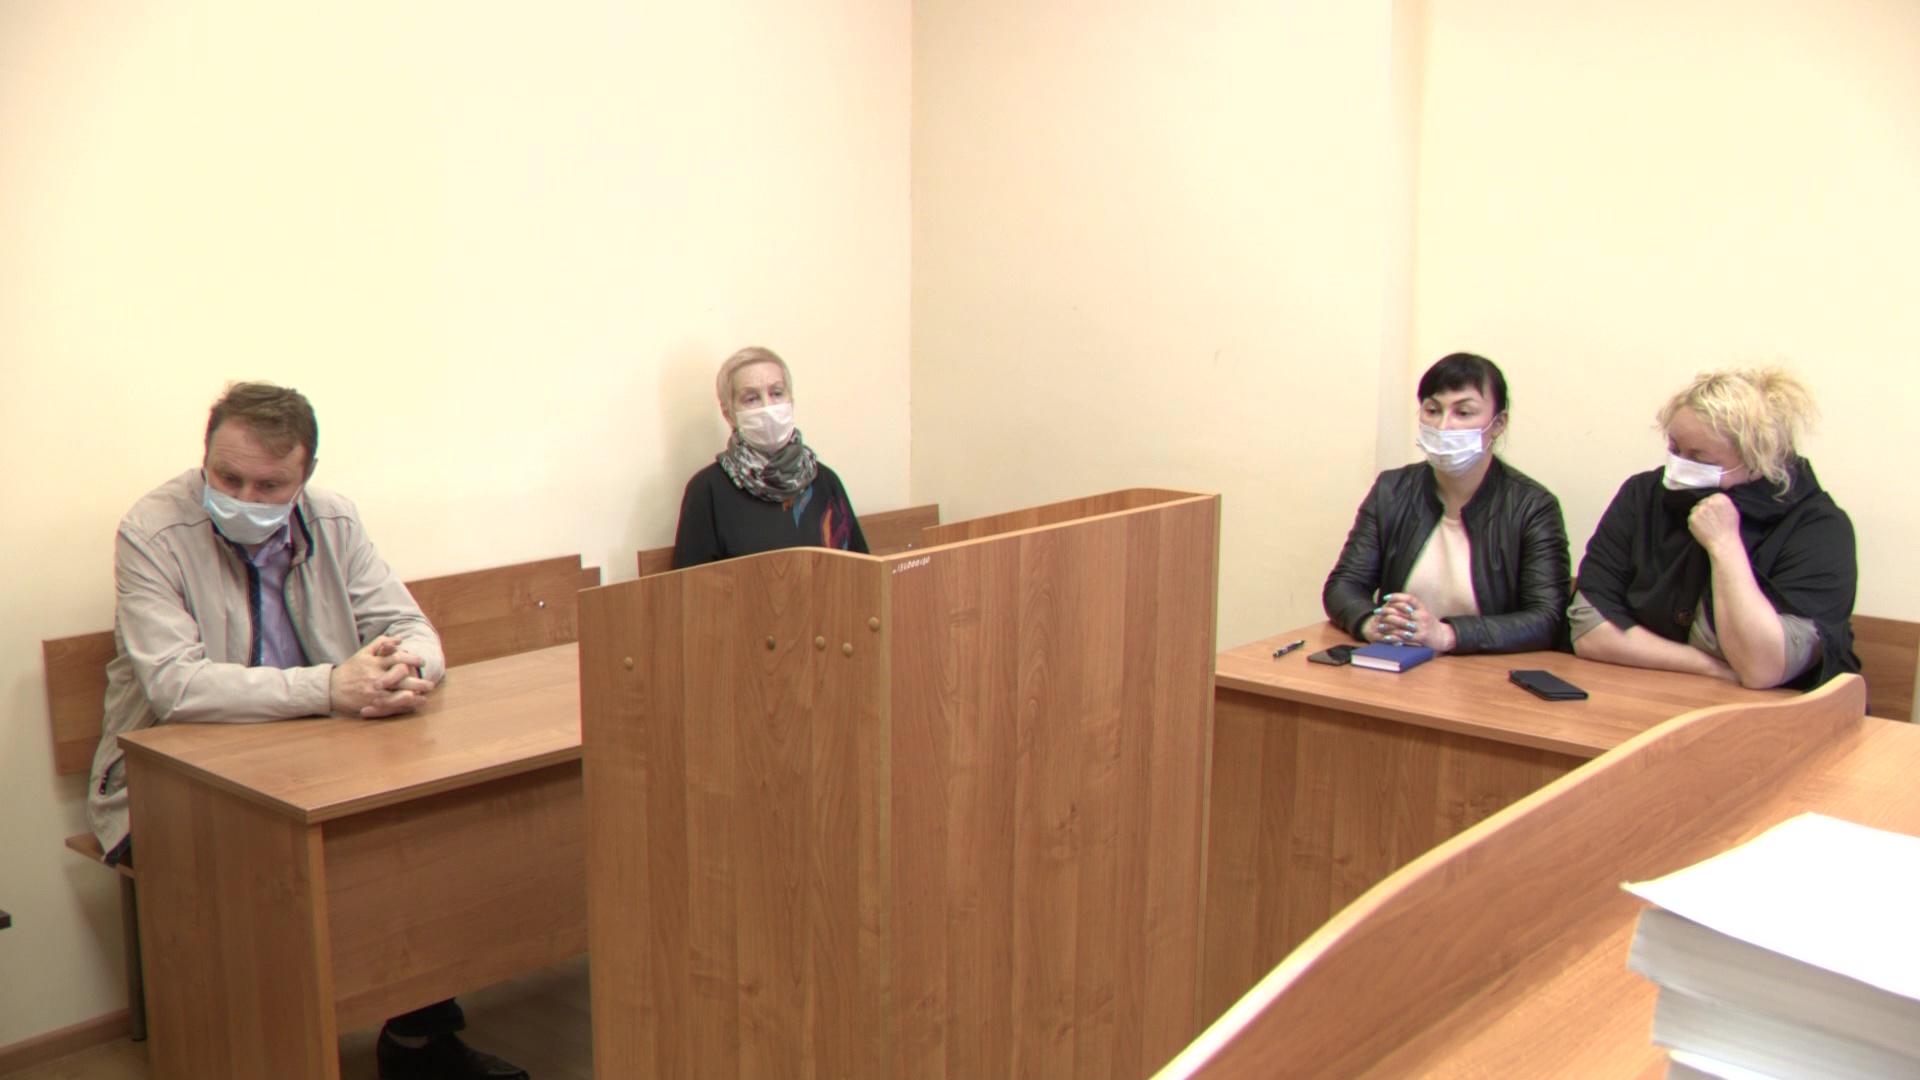 Ярославна получила 2,5 года колонии за продажу дешевых фильтров за десятки тысяч рублей